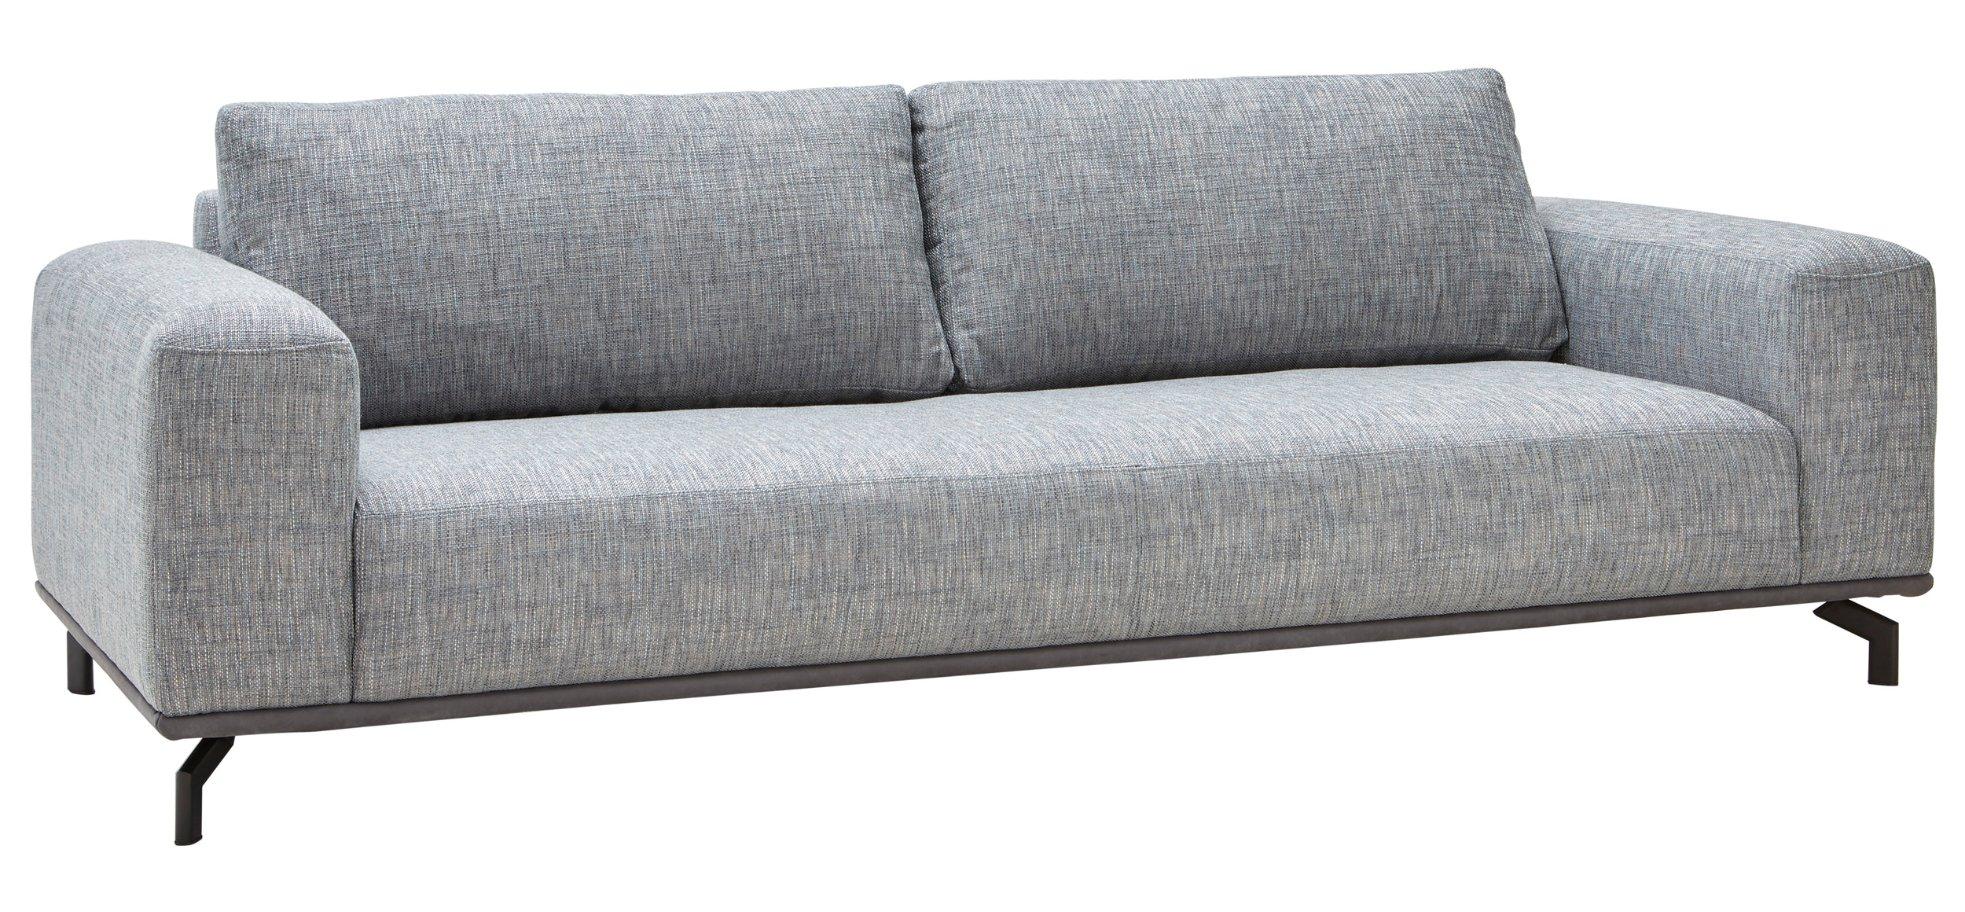 Full Size of 3 Sitzer Sofa Couch Mit Schlaffunktion Poco Federkern Ikea Klippan Bettfunktion Ektorp Und 2 Sessel Bei Roller Bettkasten Leder Natura Brooklyn Grau Sofas Sofa 3 Sitzer Sofa